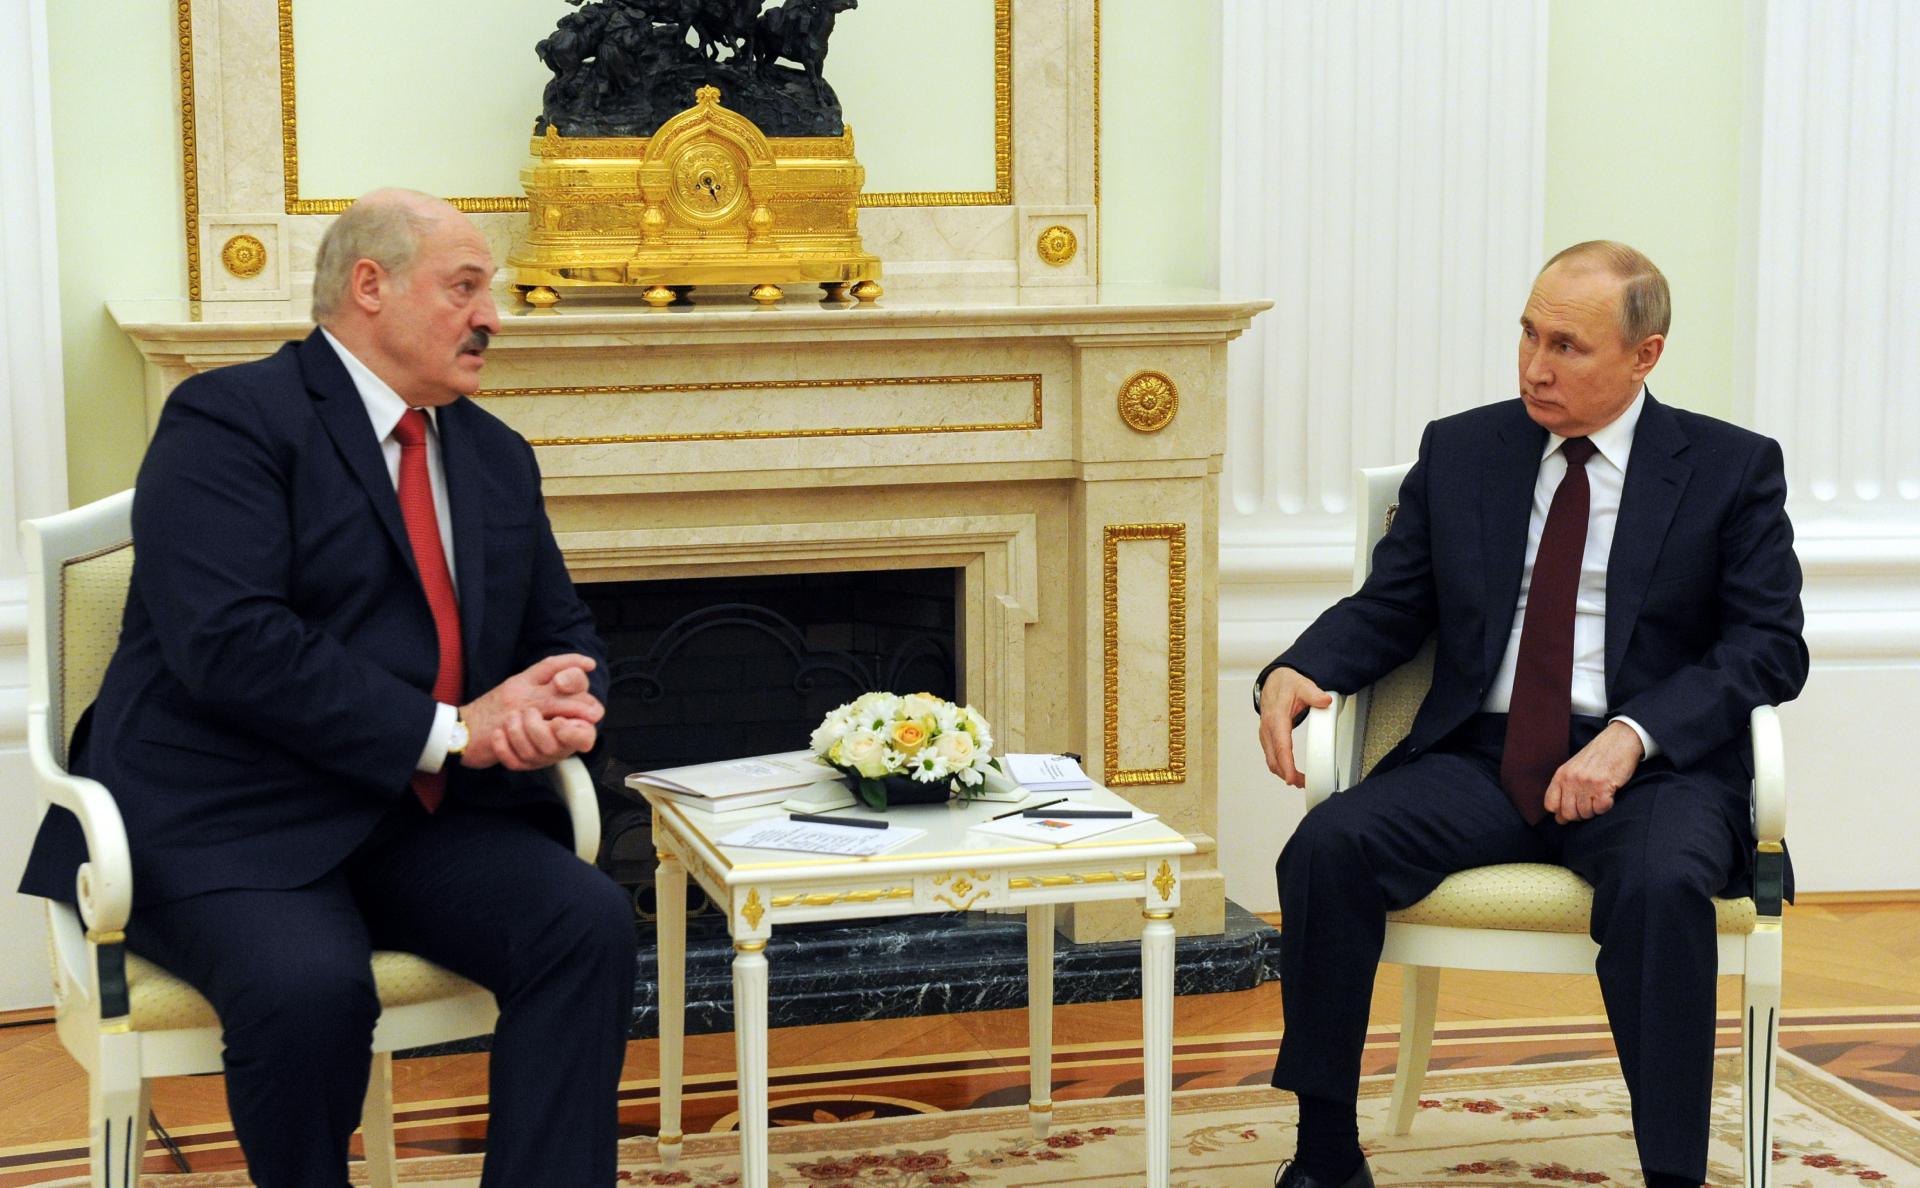 Лукашенко назвал сроки проведения следующей встречи с Путиным